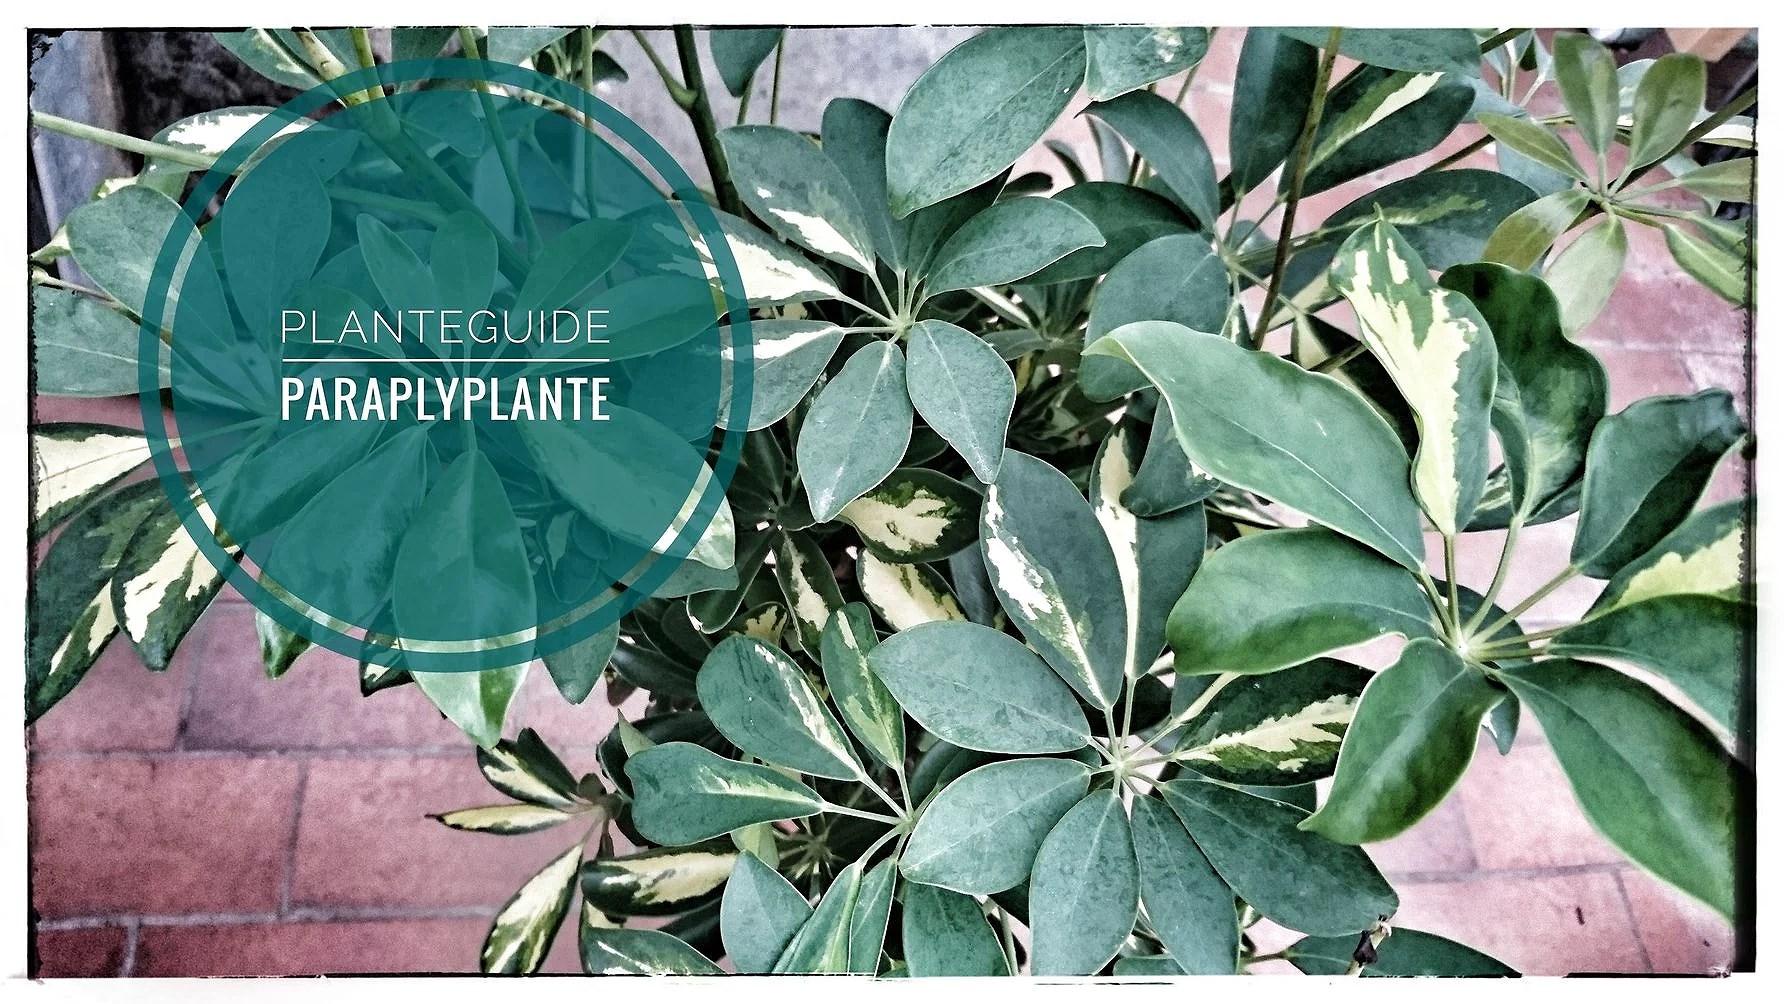 Planteguide Paraplyplante